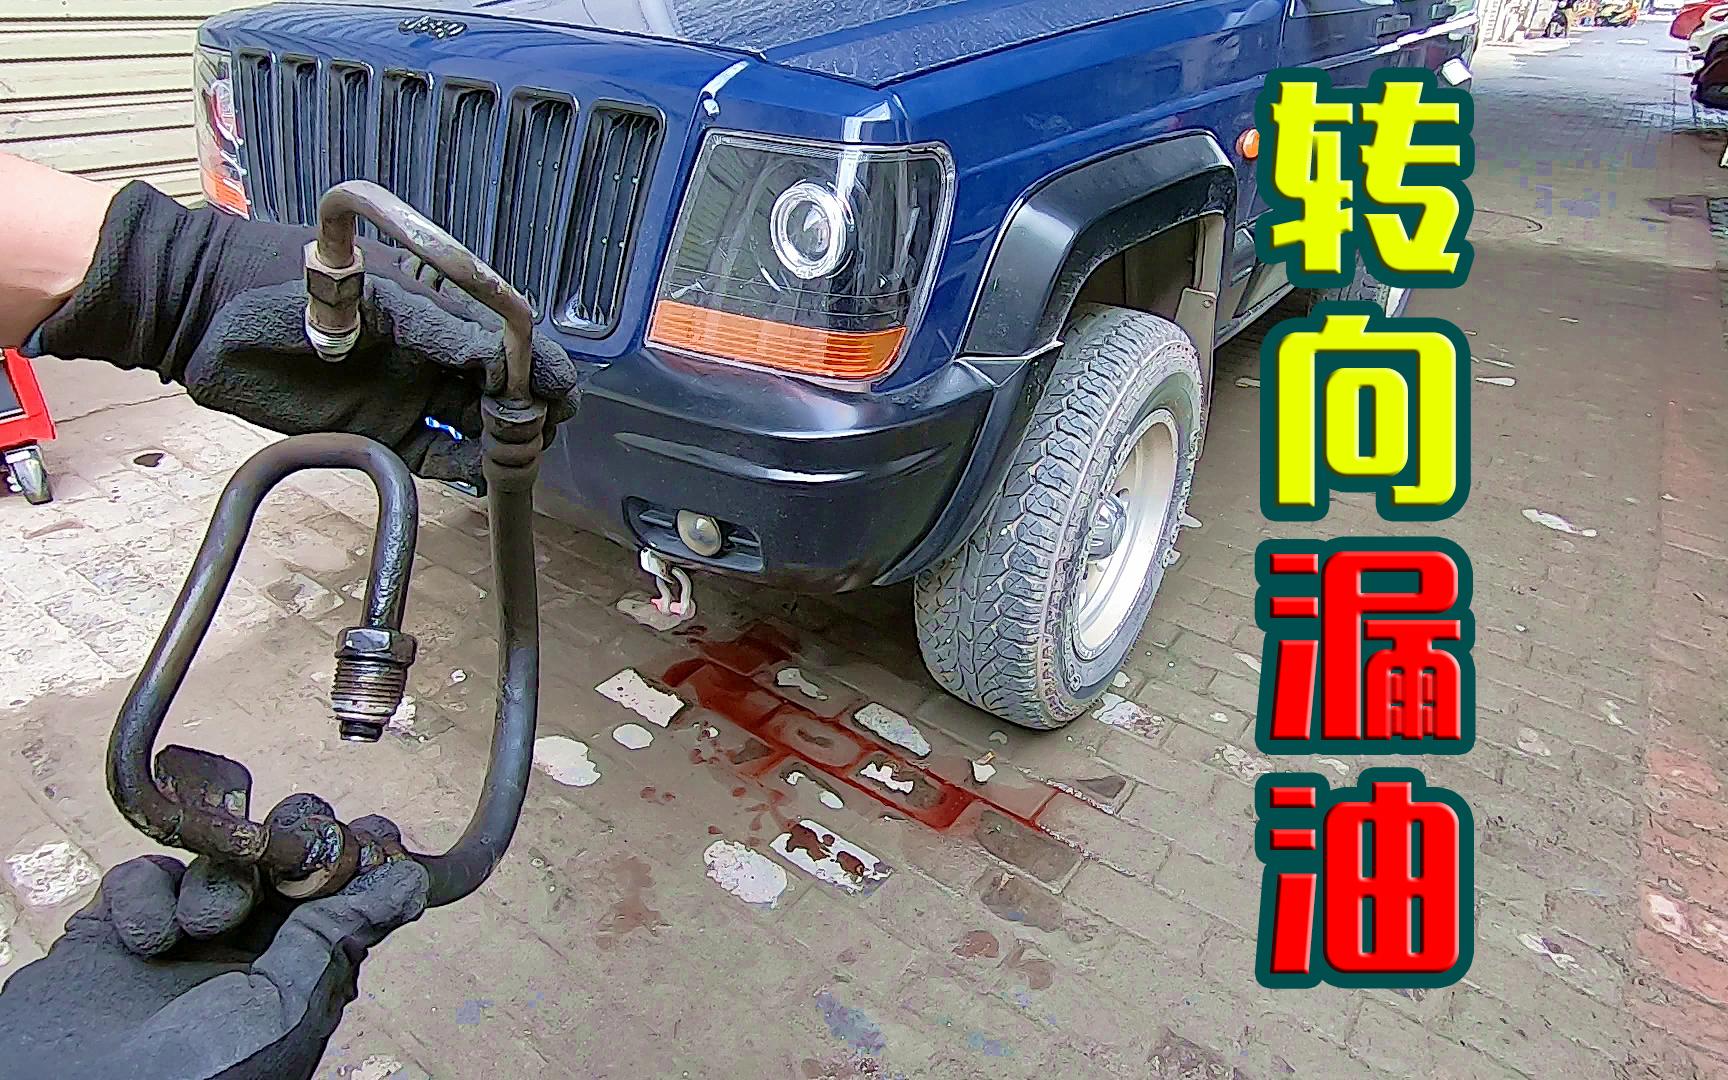 【撸车师兄】车下有红色油液痕迹?八成是这个零件漏油了,教你自己动手修好